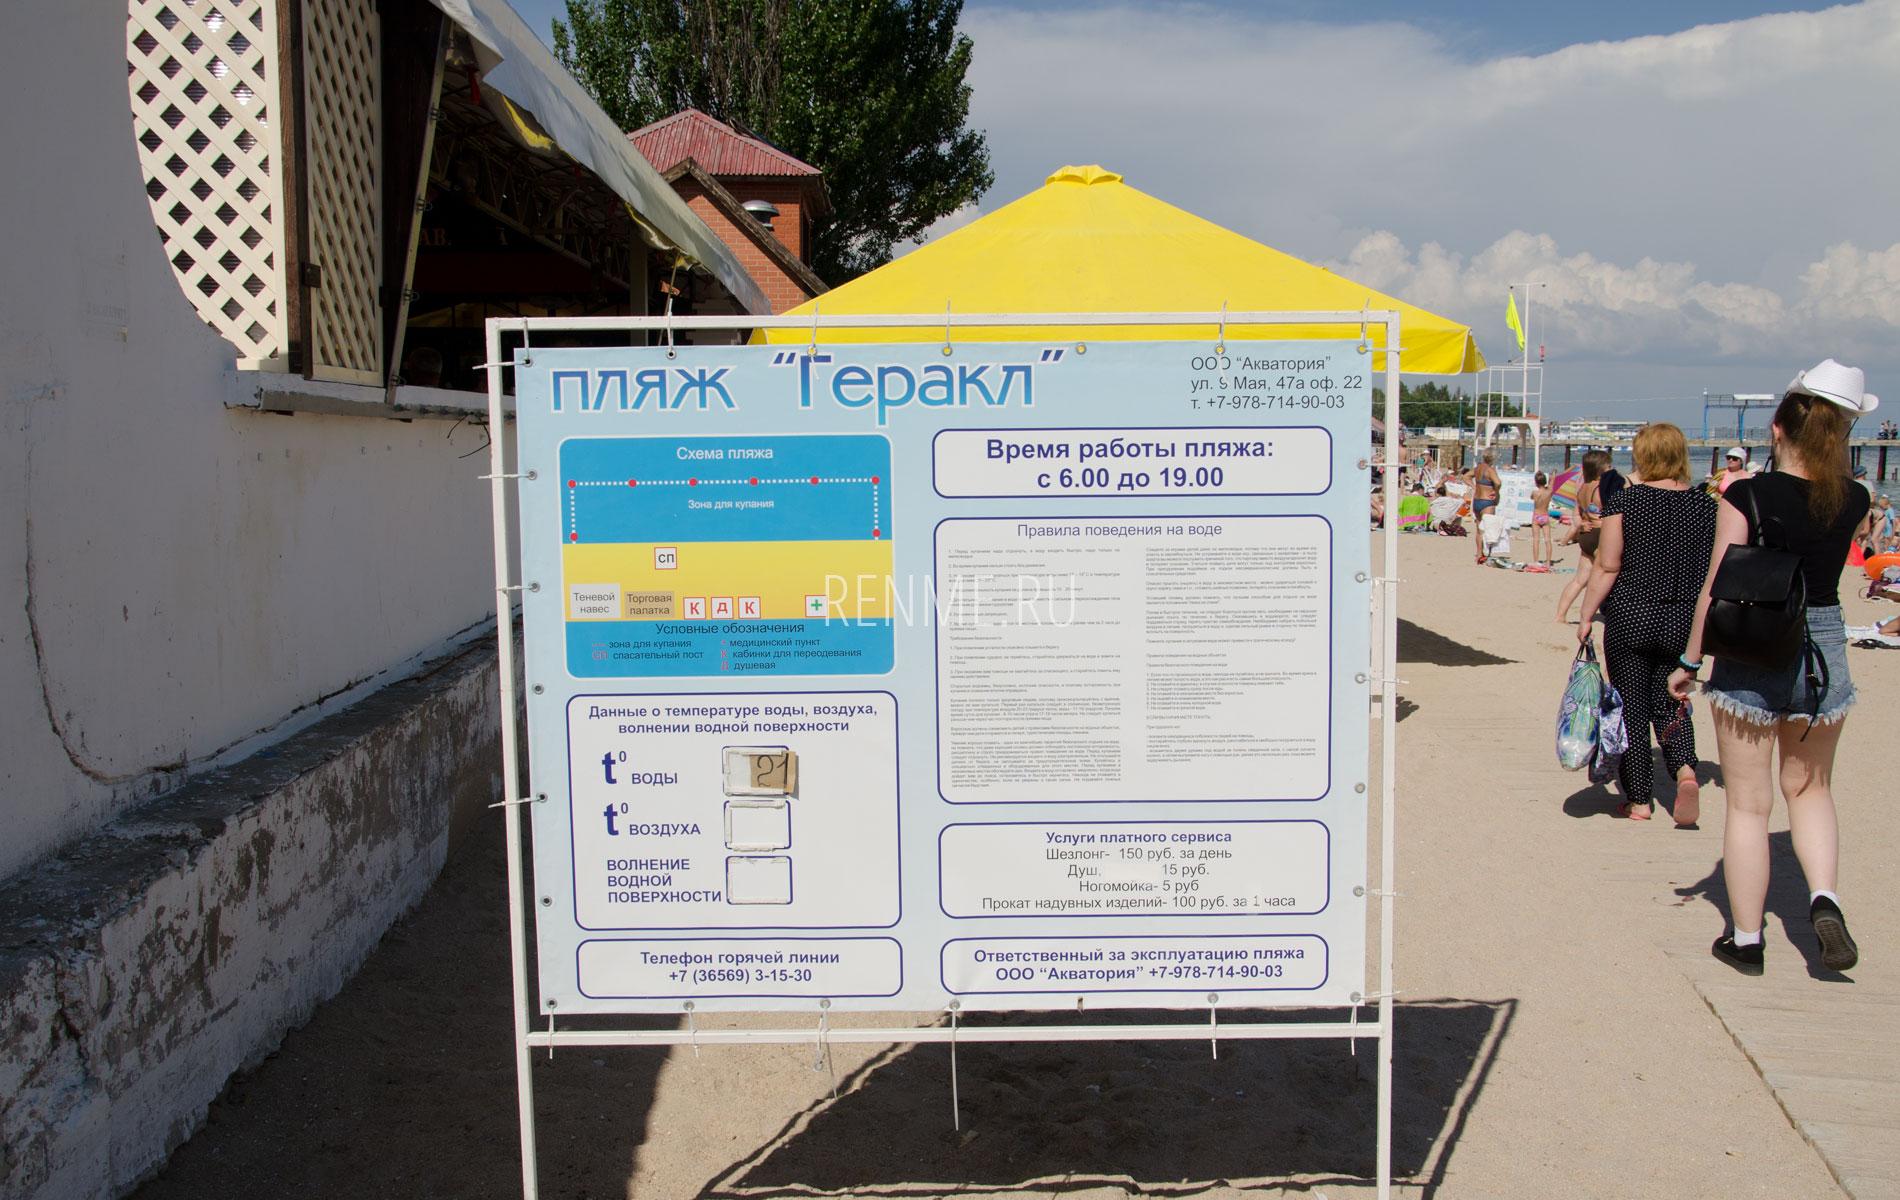 """Пляж """"Геркулес"""". Информация. Фото Евпатории"""